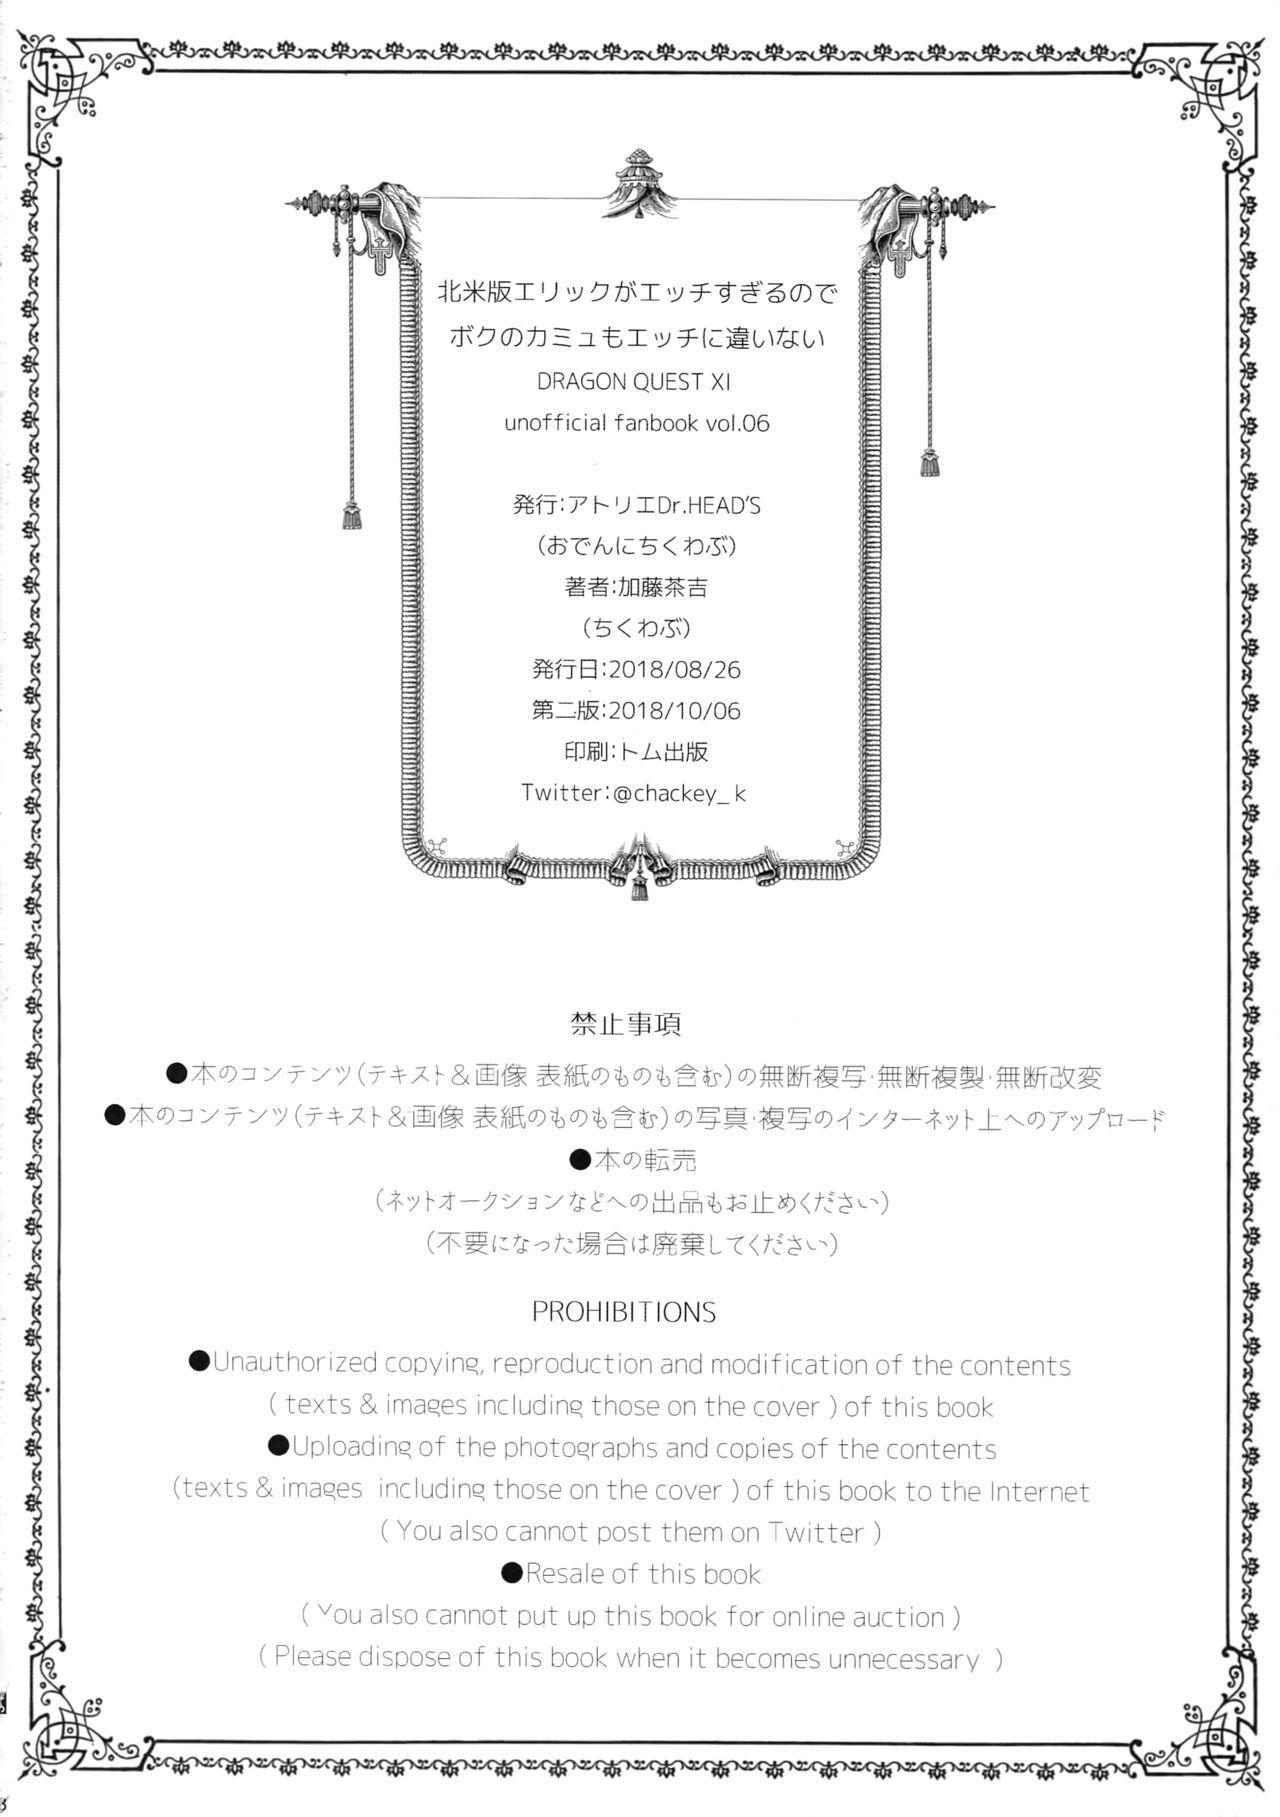 Hokubei-ban Erik ga Etchi Sugirunode Boku no Camus mo Etchi ni Chigainai 16